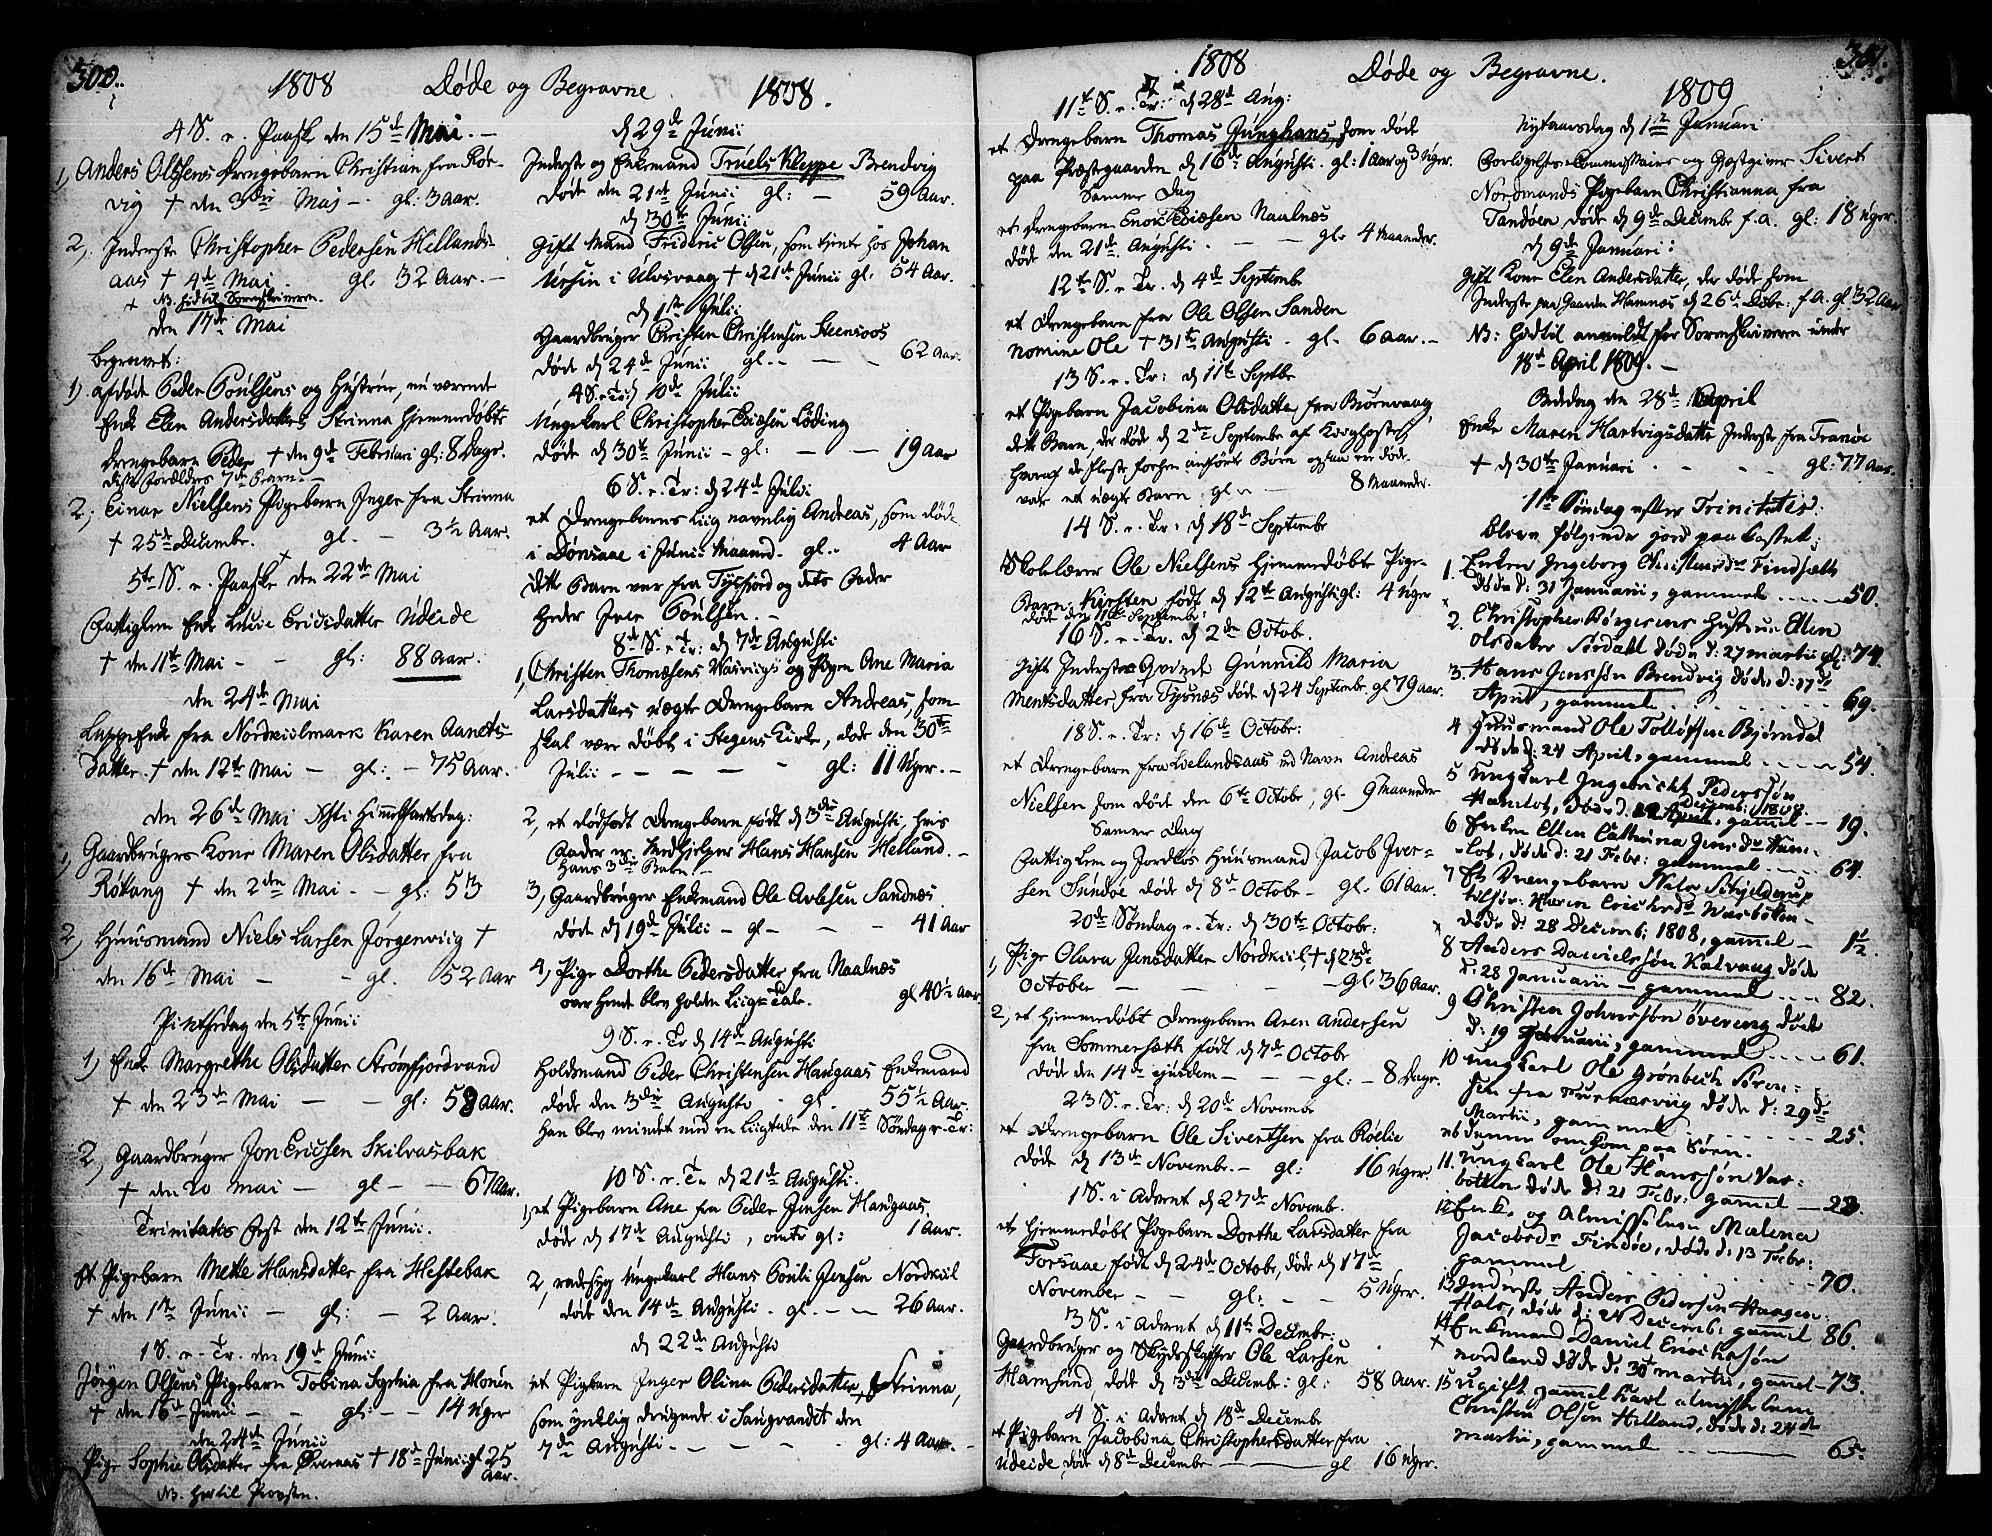 SAT, Ministerialprotokoller, klokkerbøker og fødselsregistre - Nordland, 859/L0841: Parish register (official) no. 859A01, 1766-1821, p. 300-301